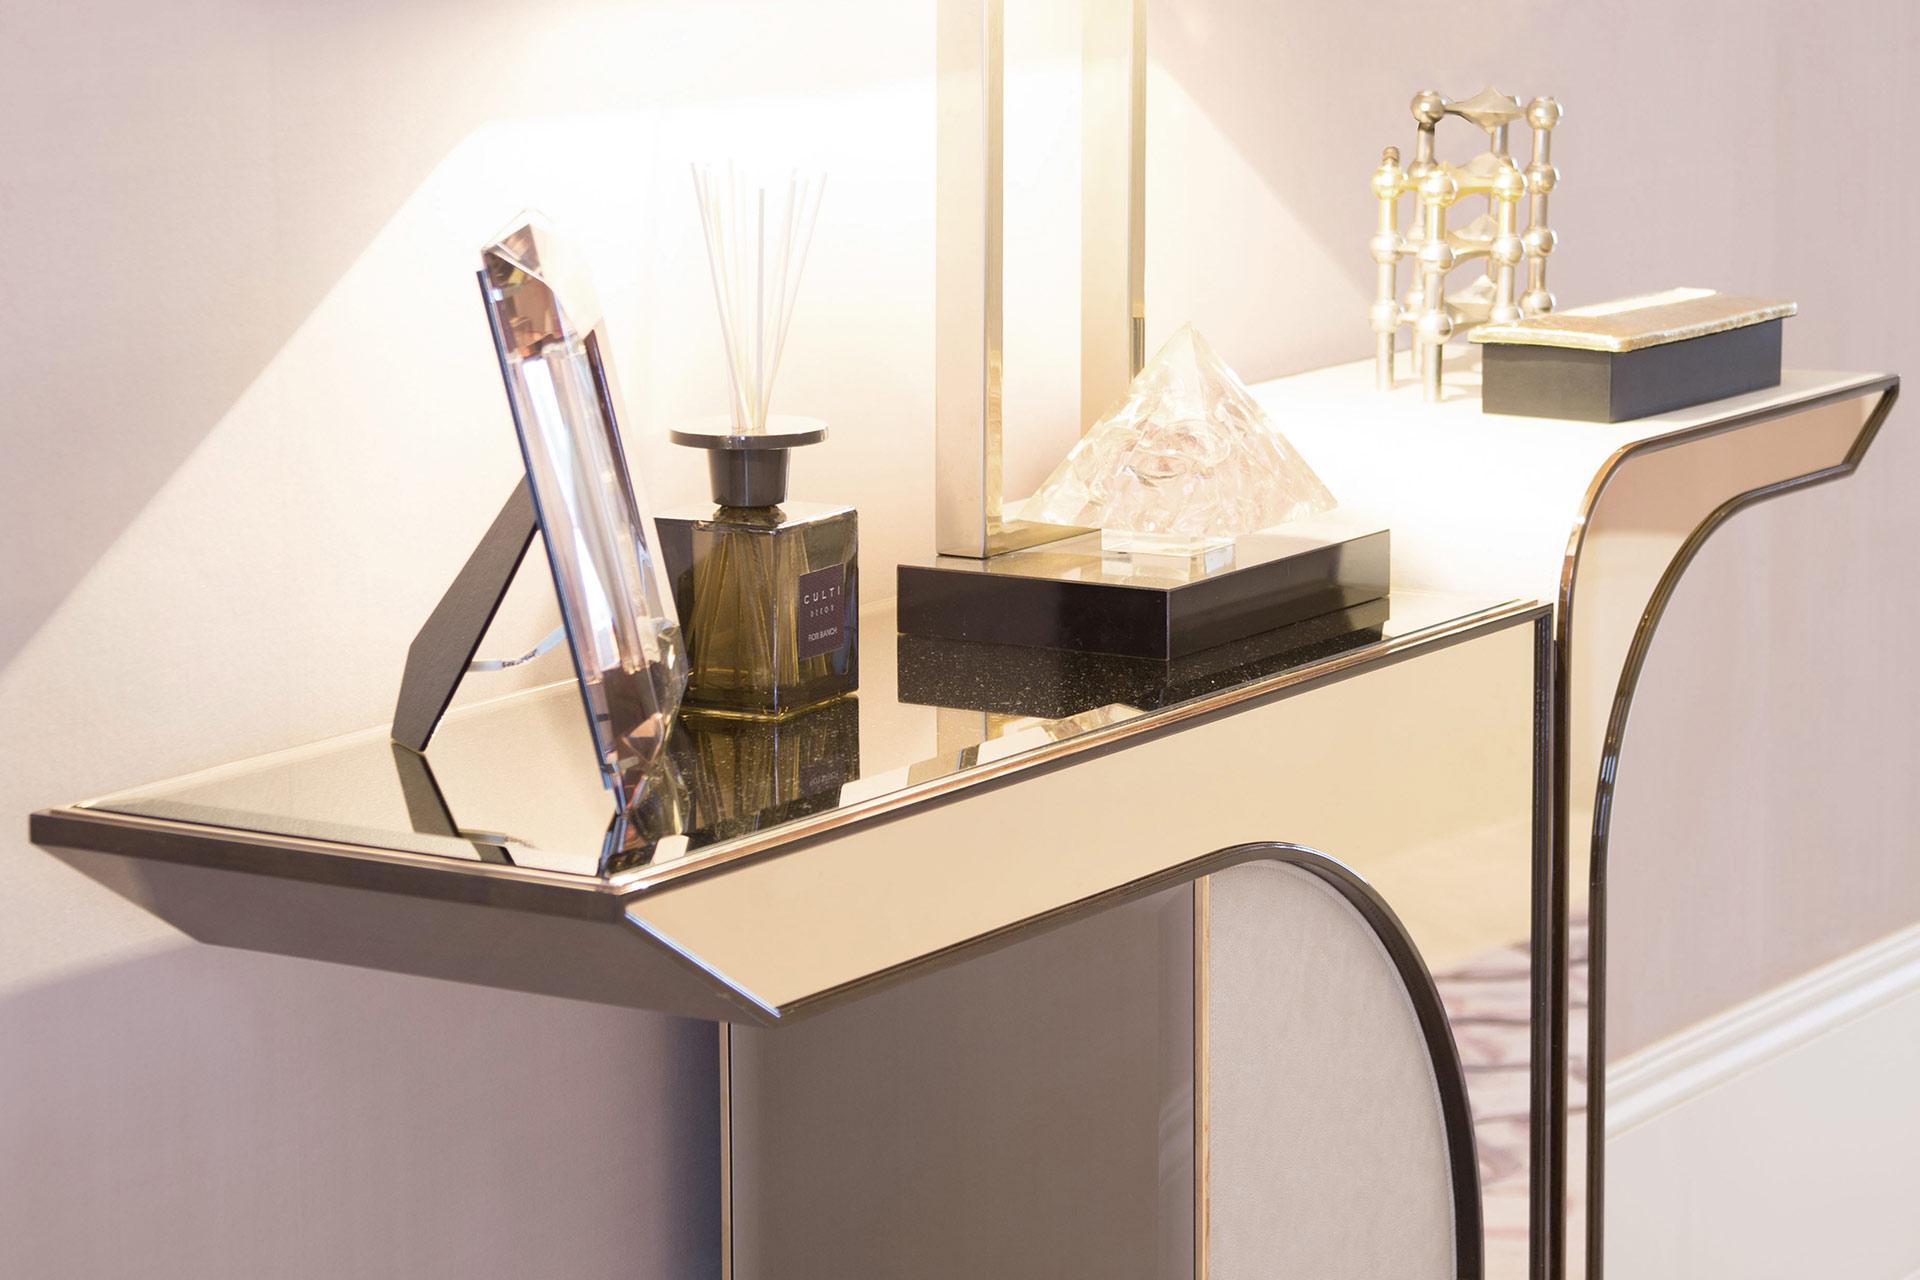 Concept Interior Design Furniture ~ Having created the interior design concept cds will